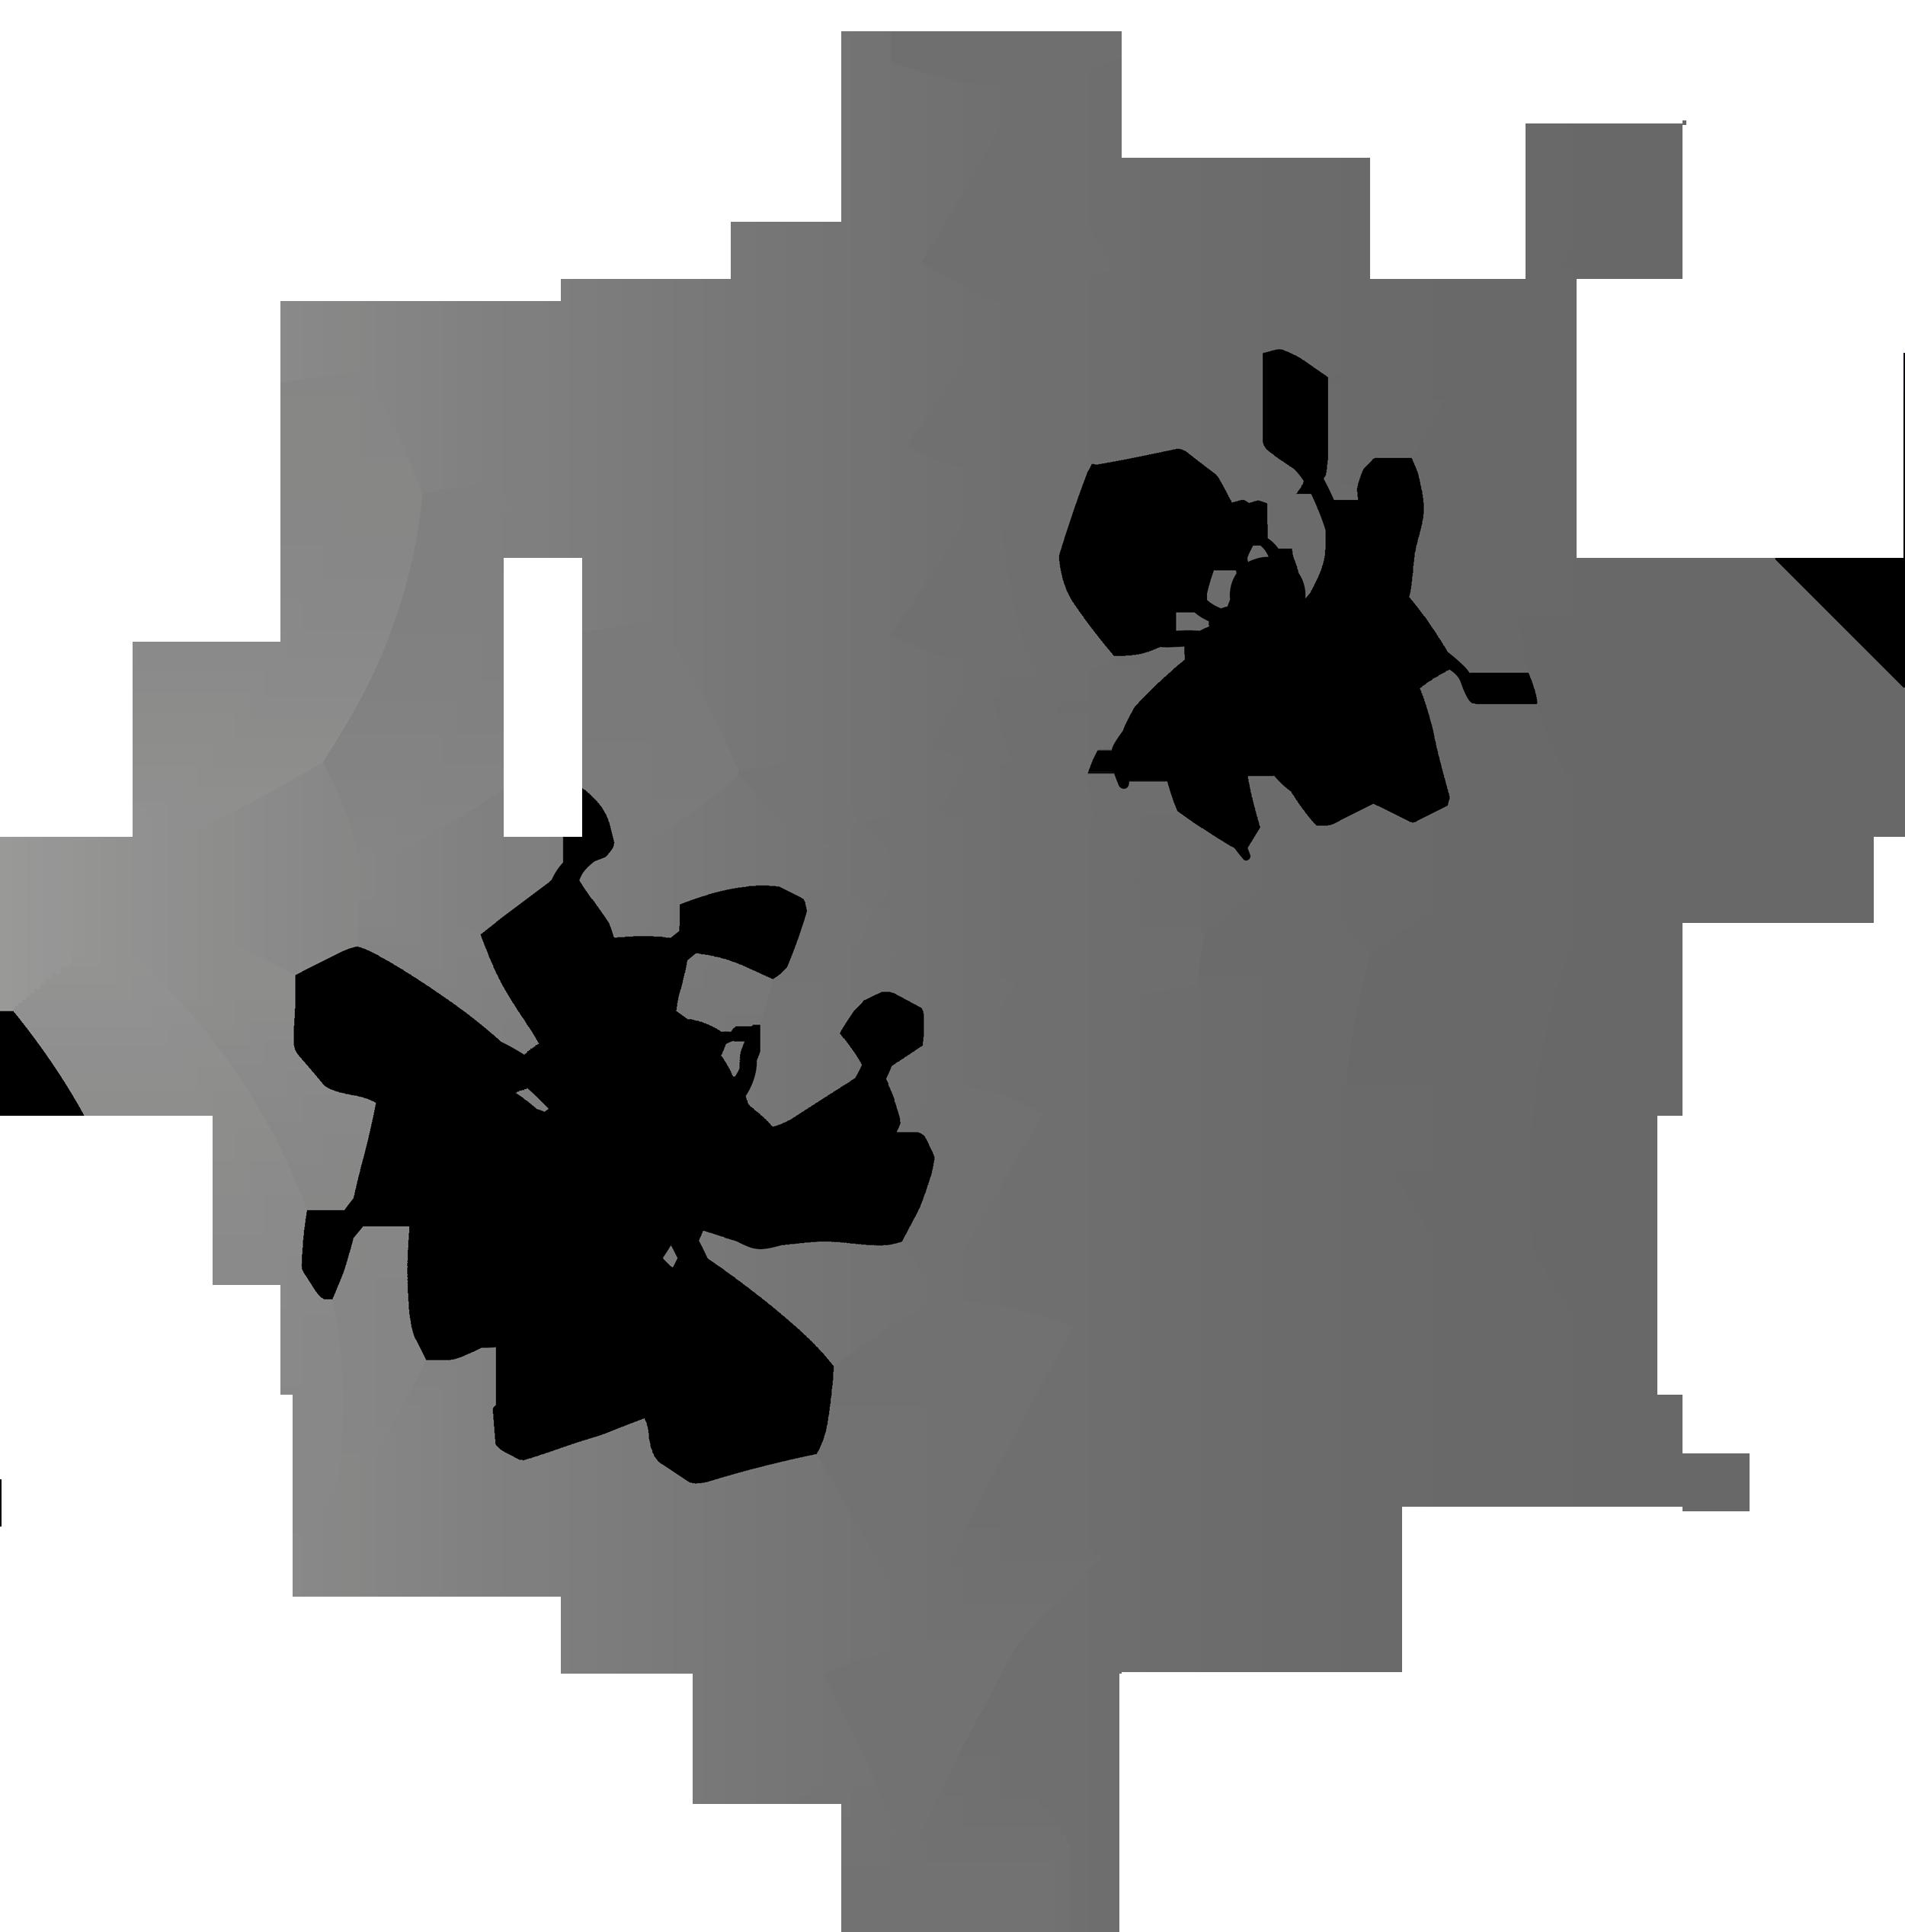 Halloween Spider Web Clipart.